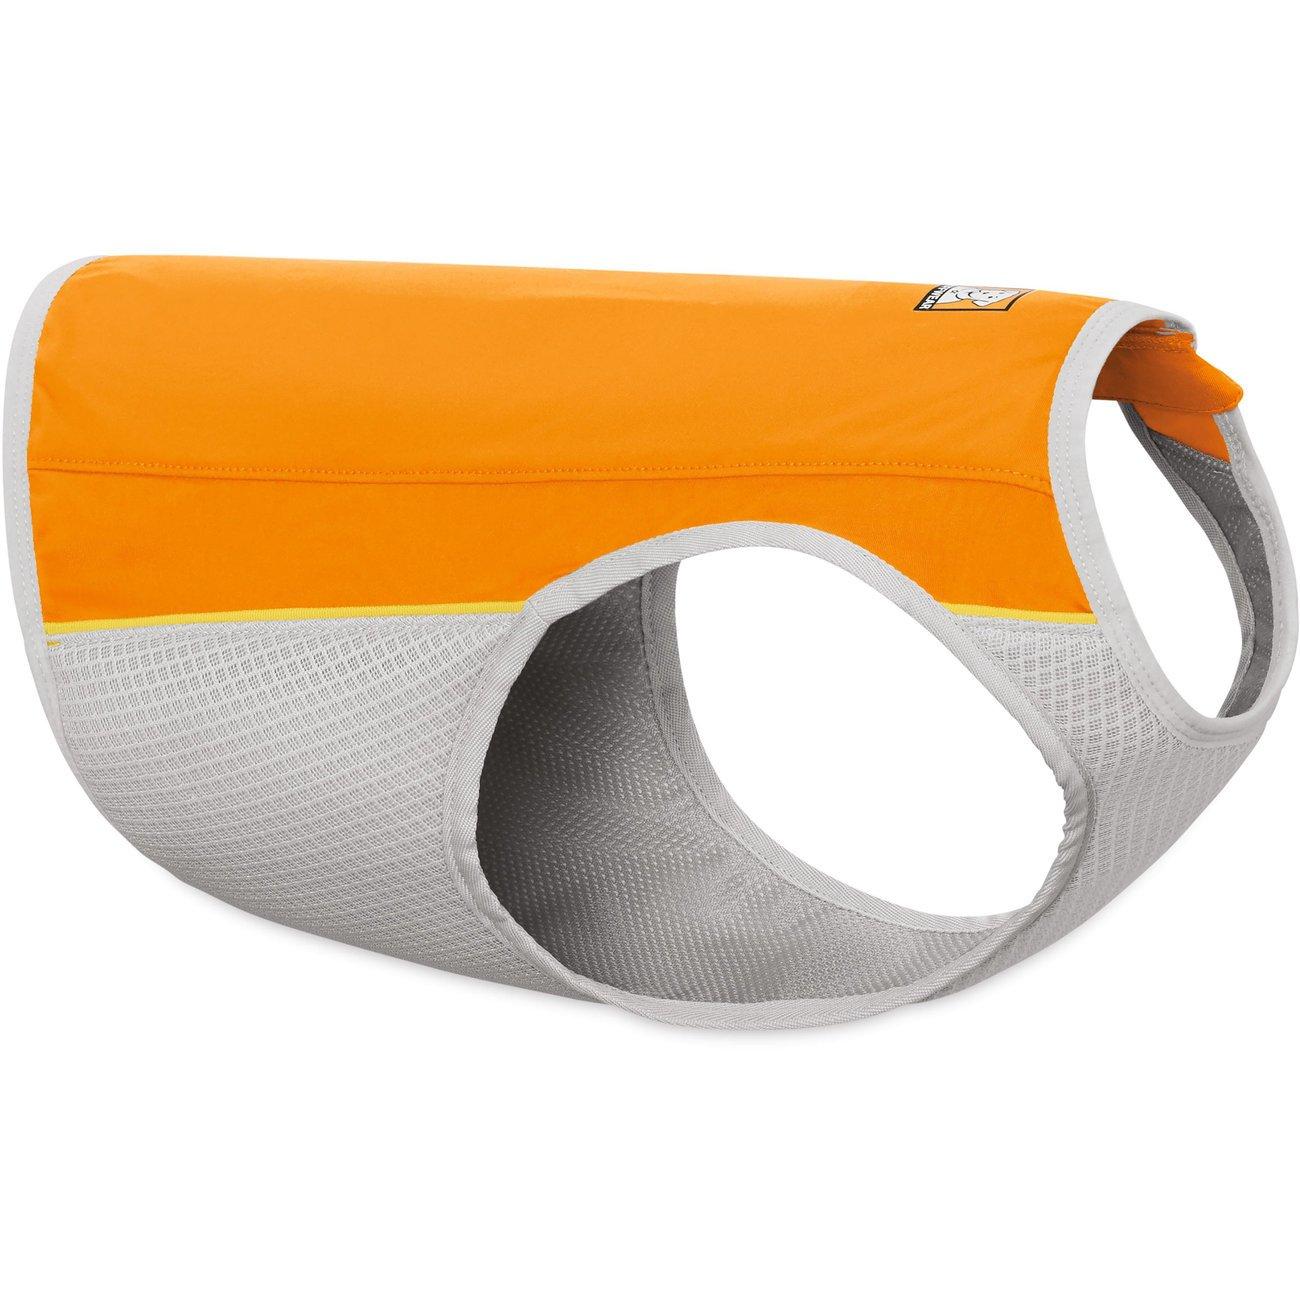 Ruffwear Jet Stream™ Kühlweste für Hunde, Bild 3